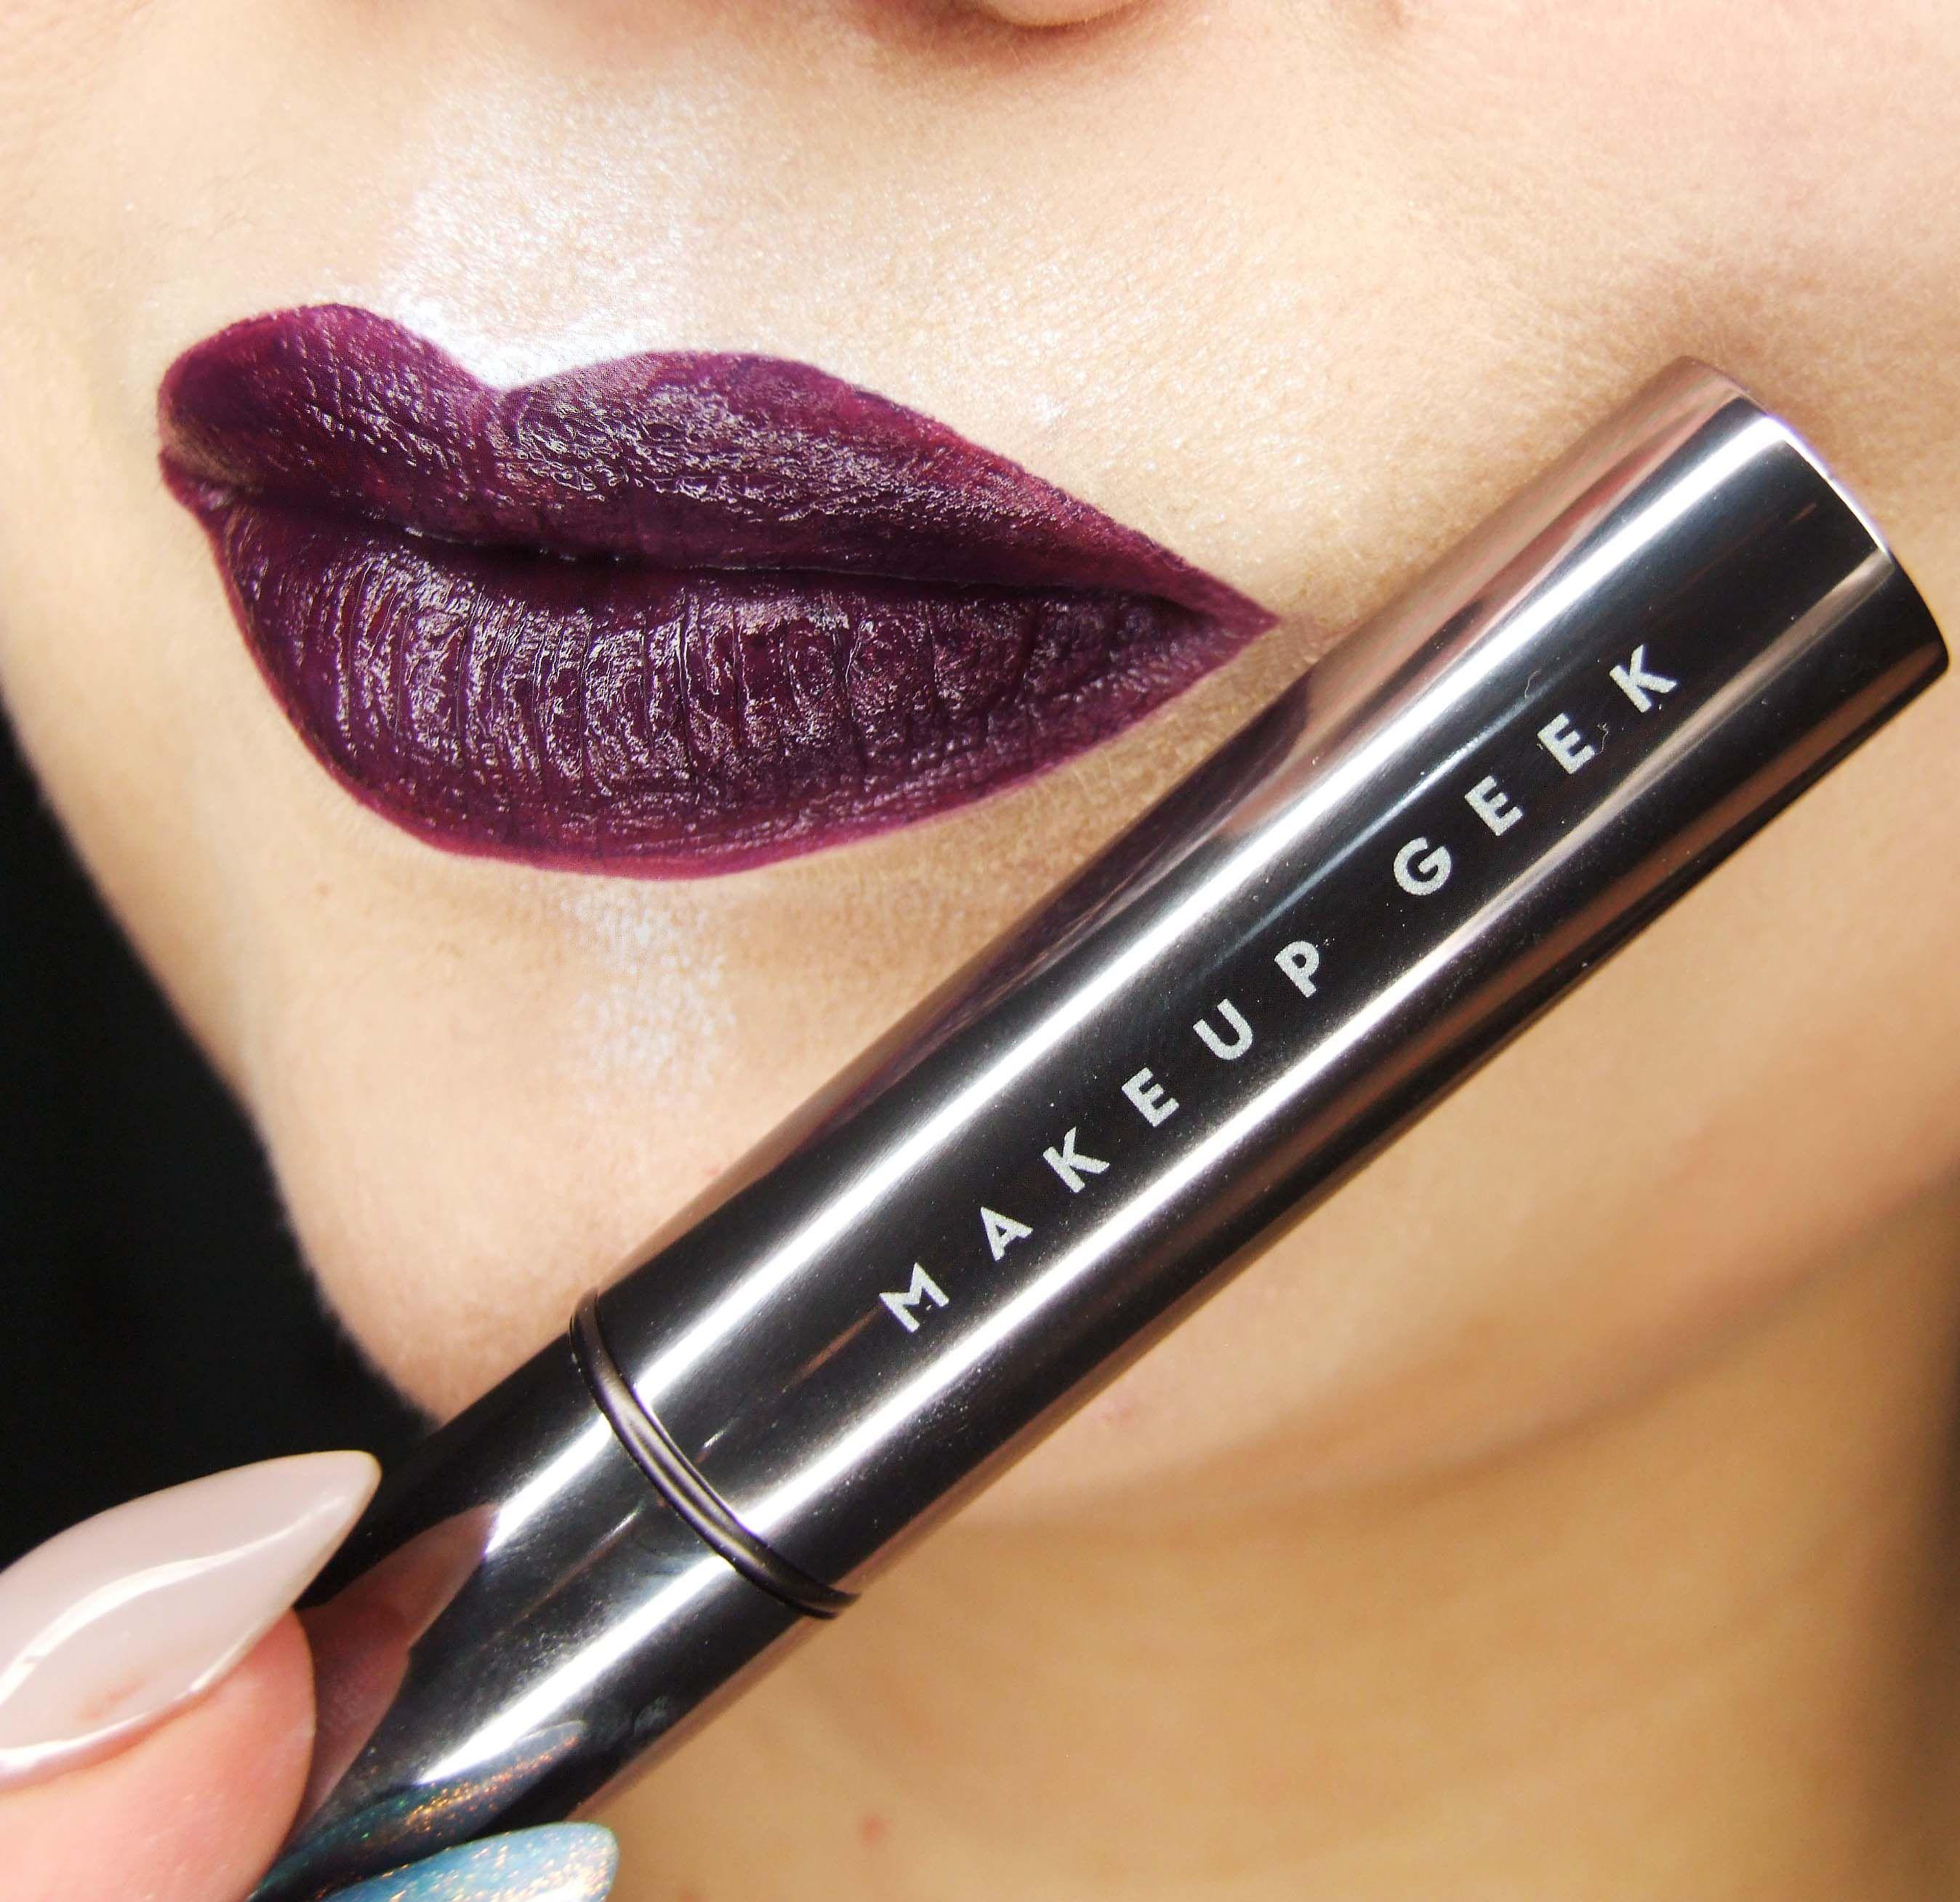 Pin On Makeup Geek Iconic Lipsticks